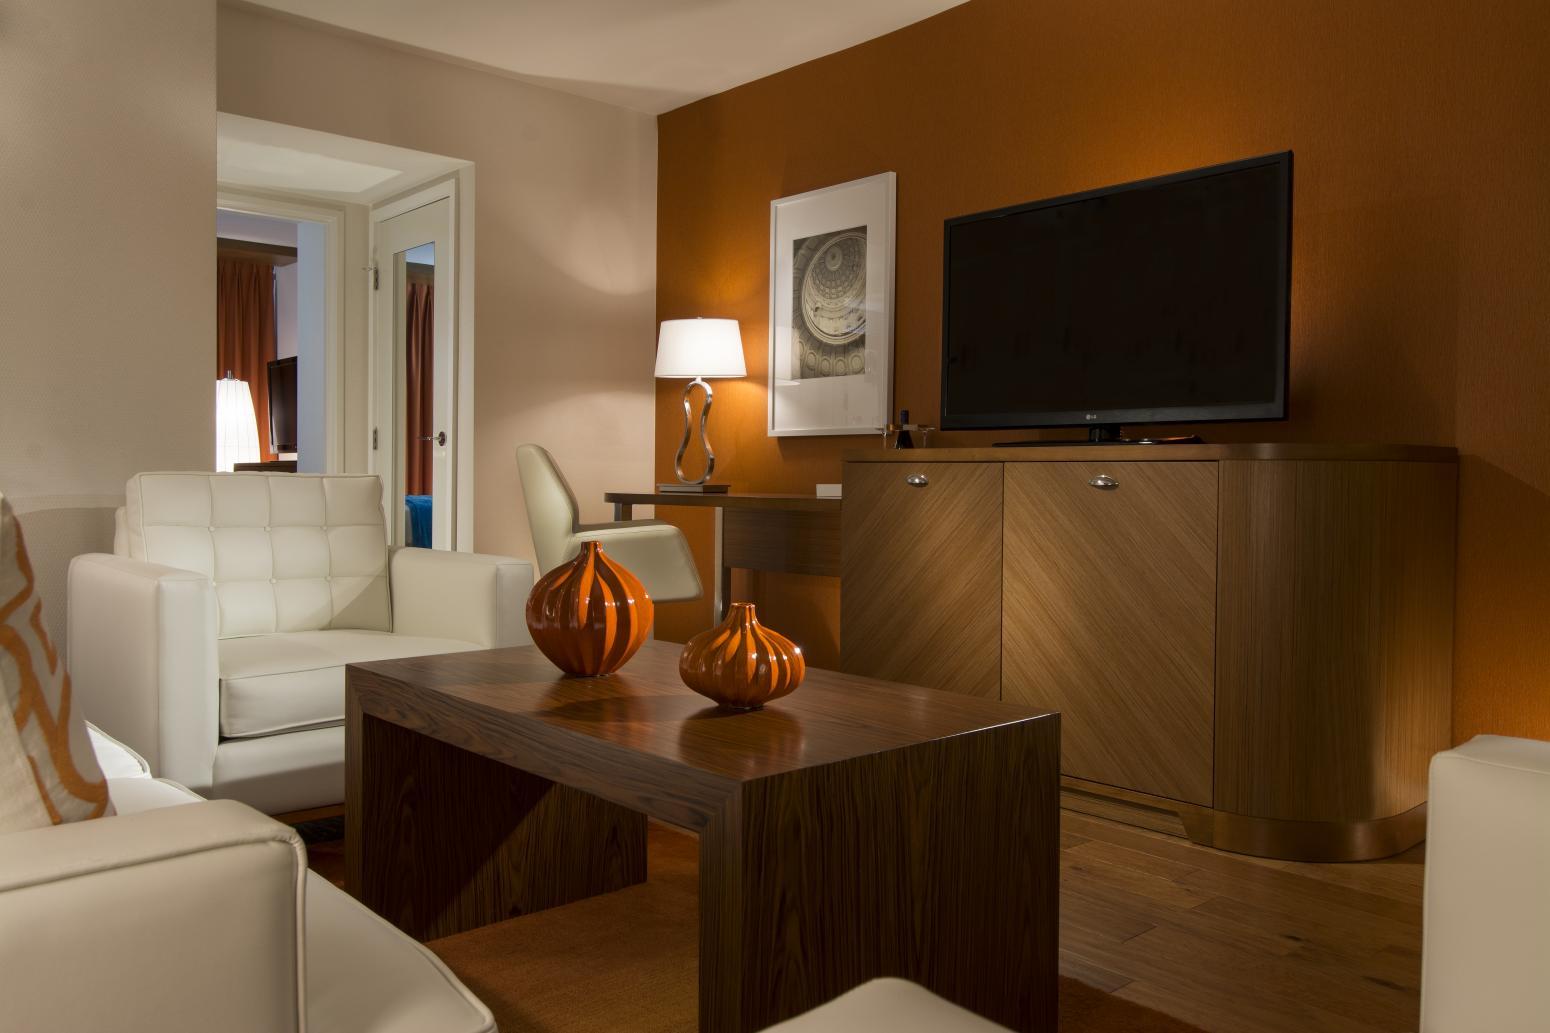 City Hotel Spotlight: Kansas City, MO